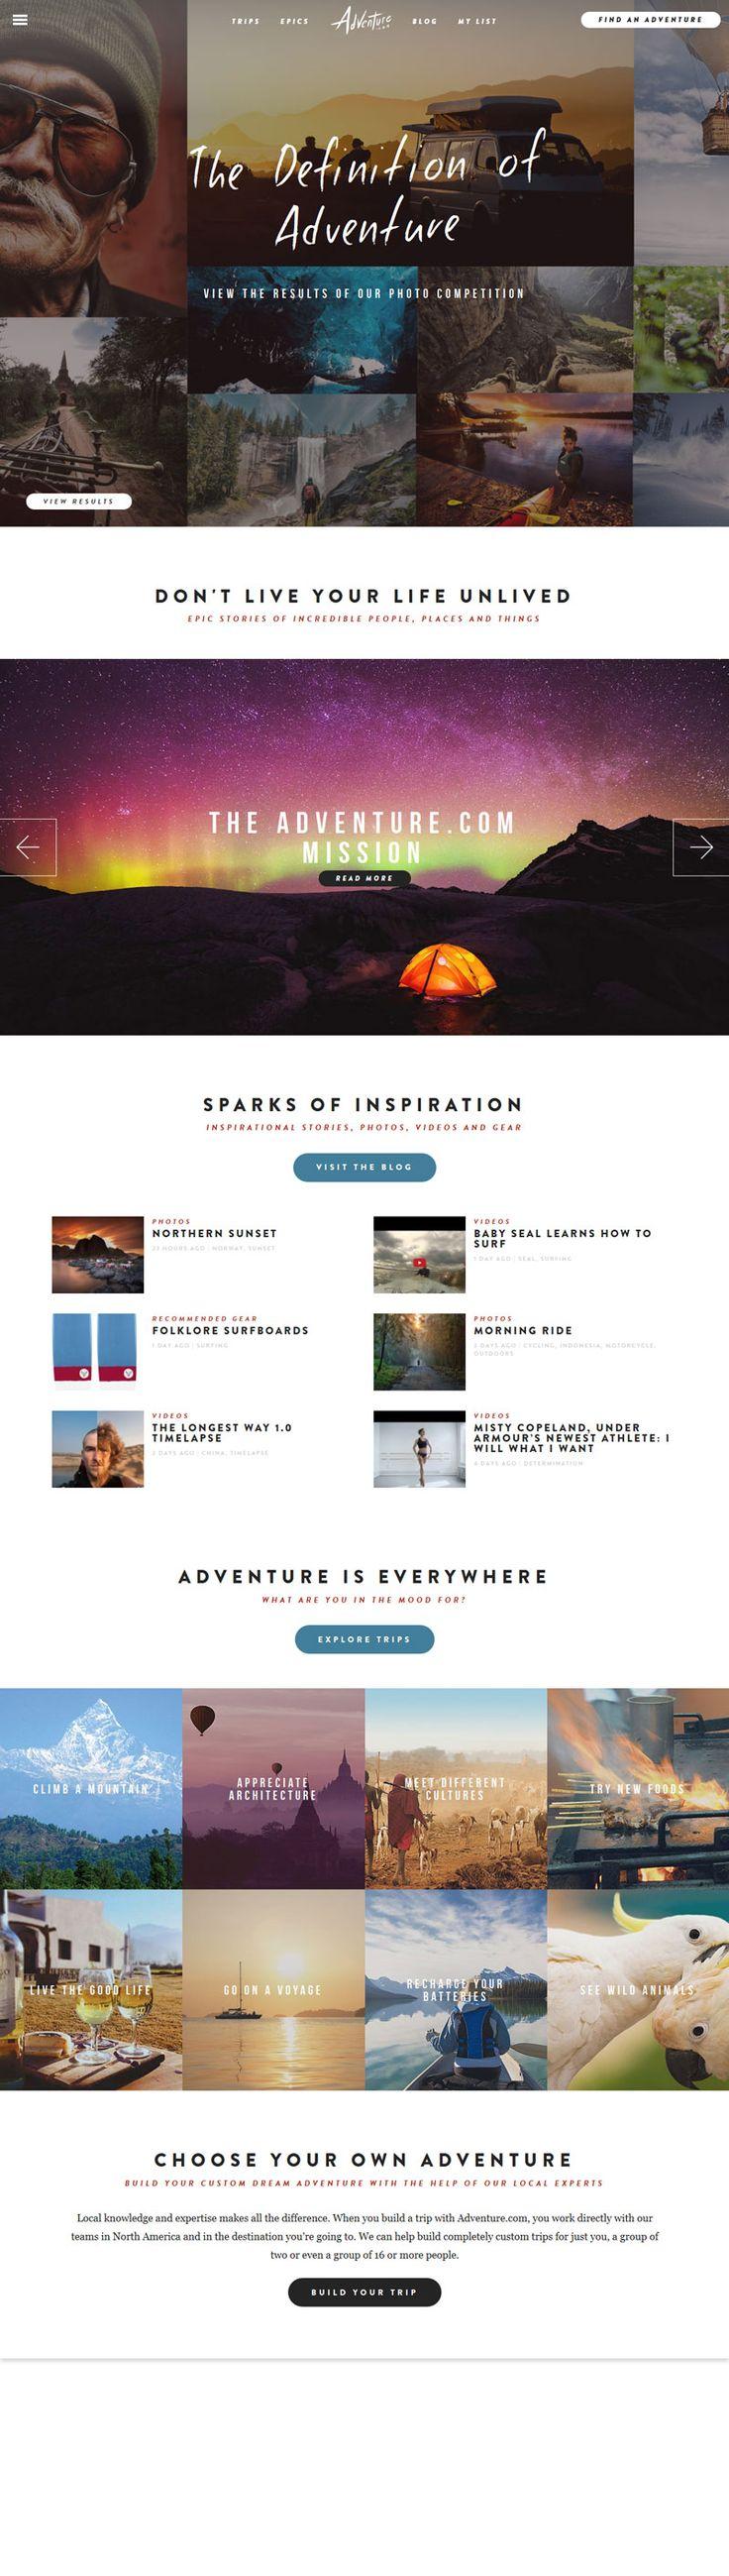 Adventure website